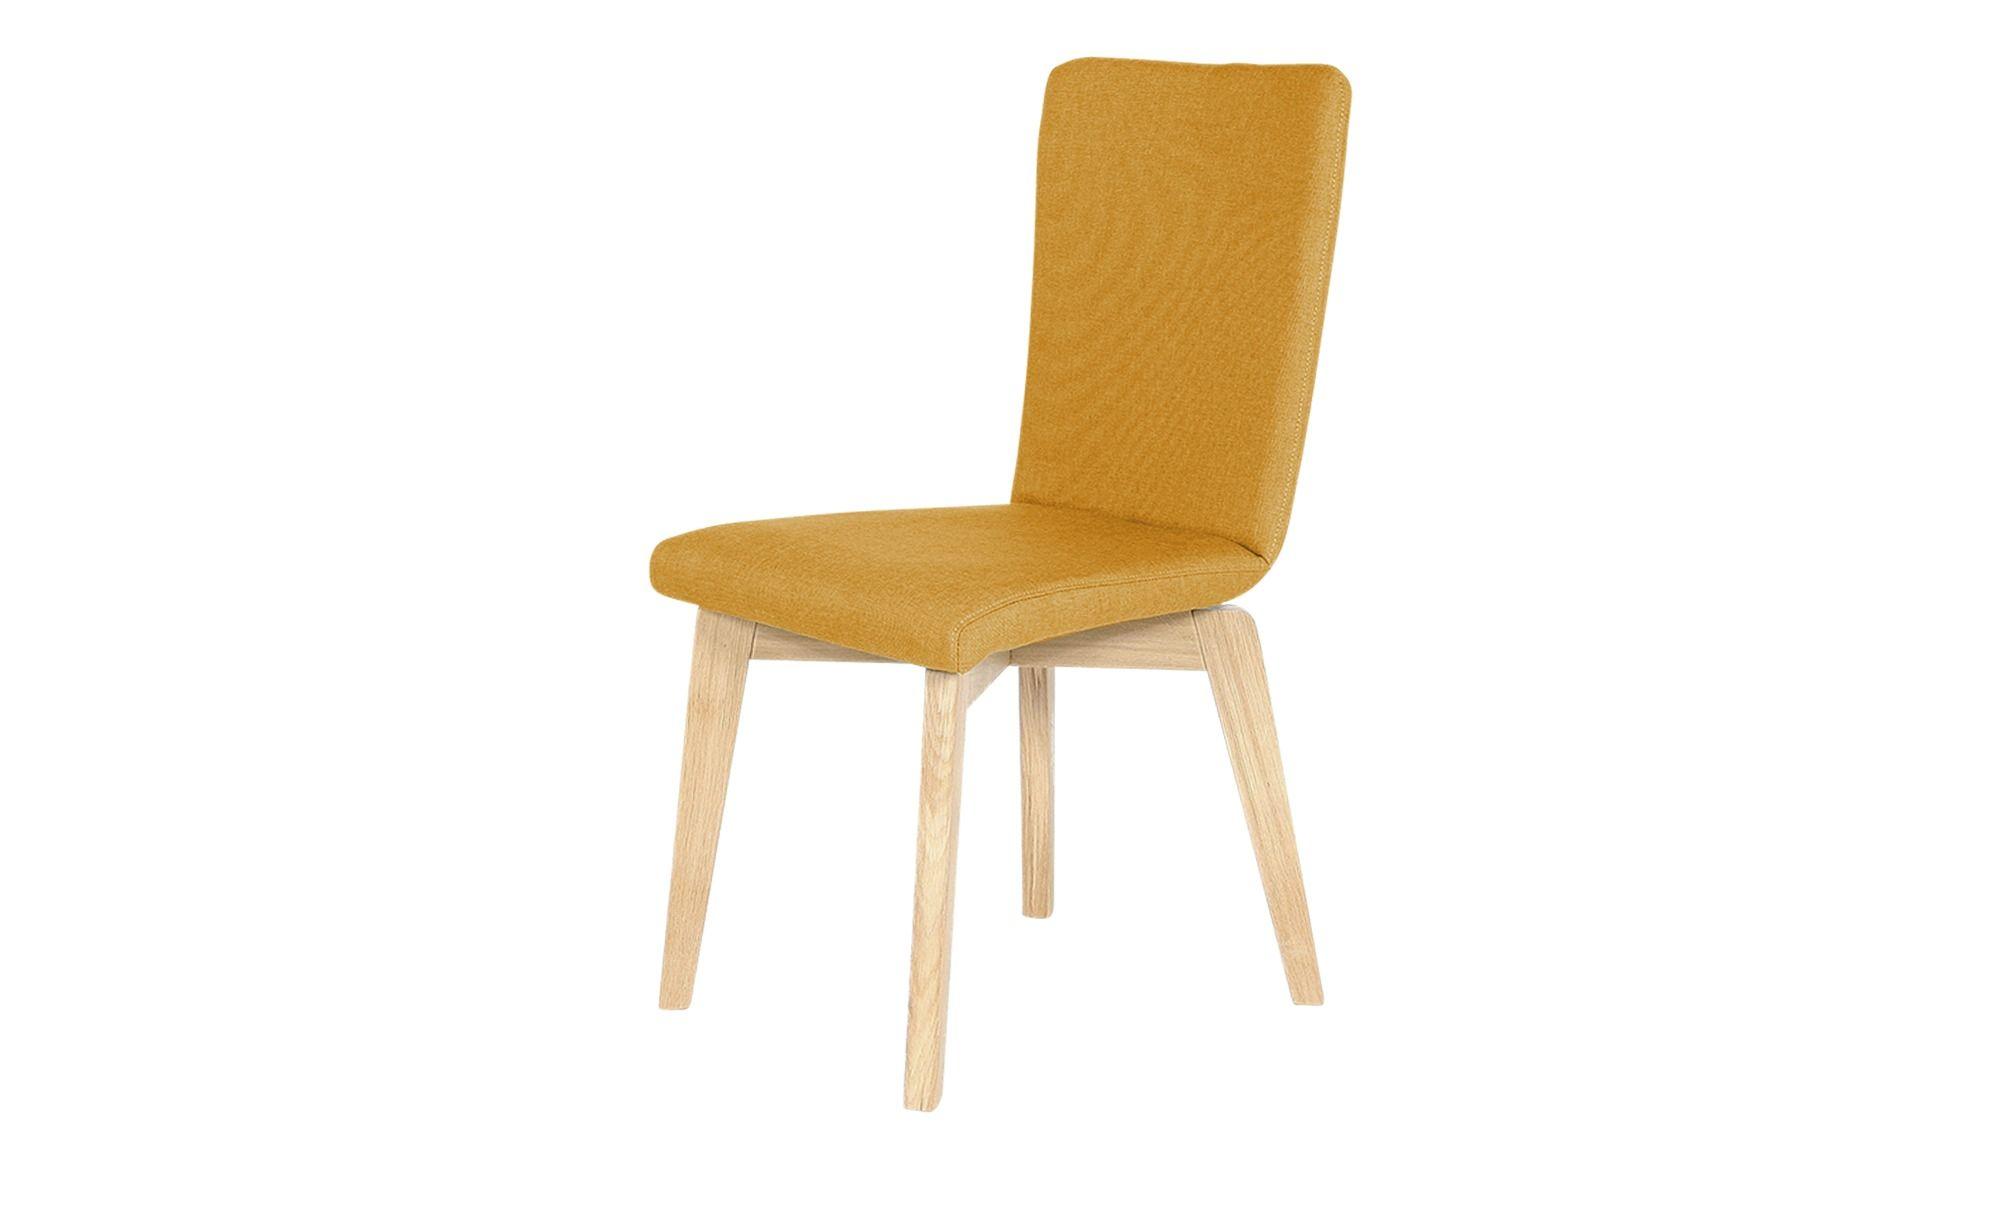 Woodford Stuhl Anni Jetzt bestellen unter und esszimmer stuehle und hocker esszimmerstuehle uid=addd2e91 77a2 5cc3